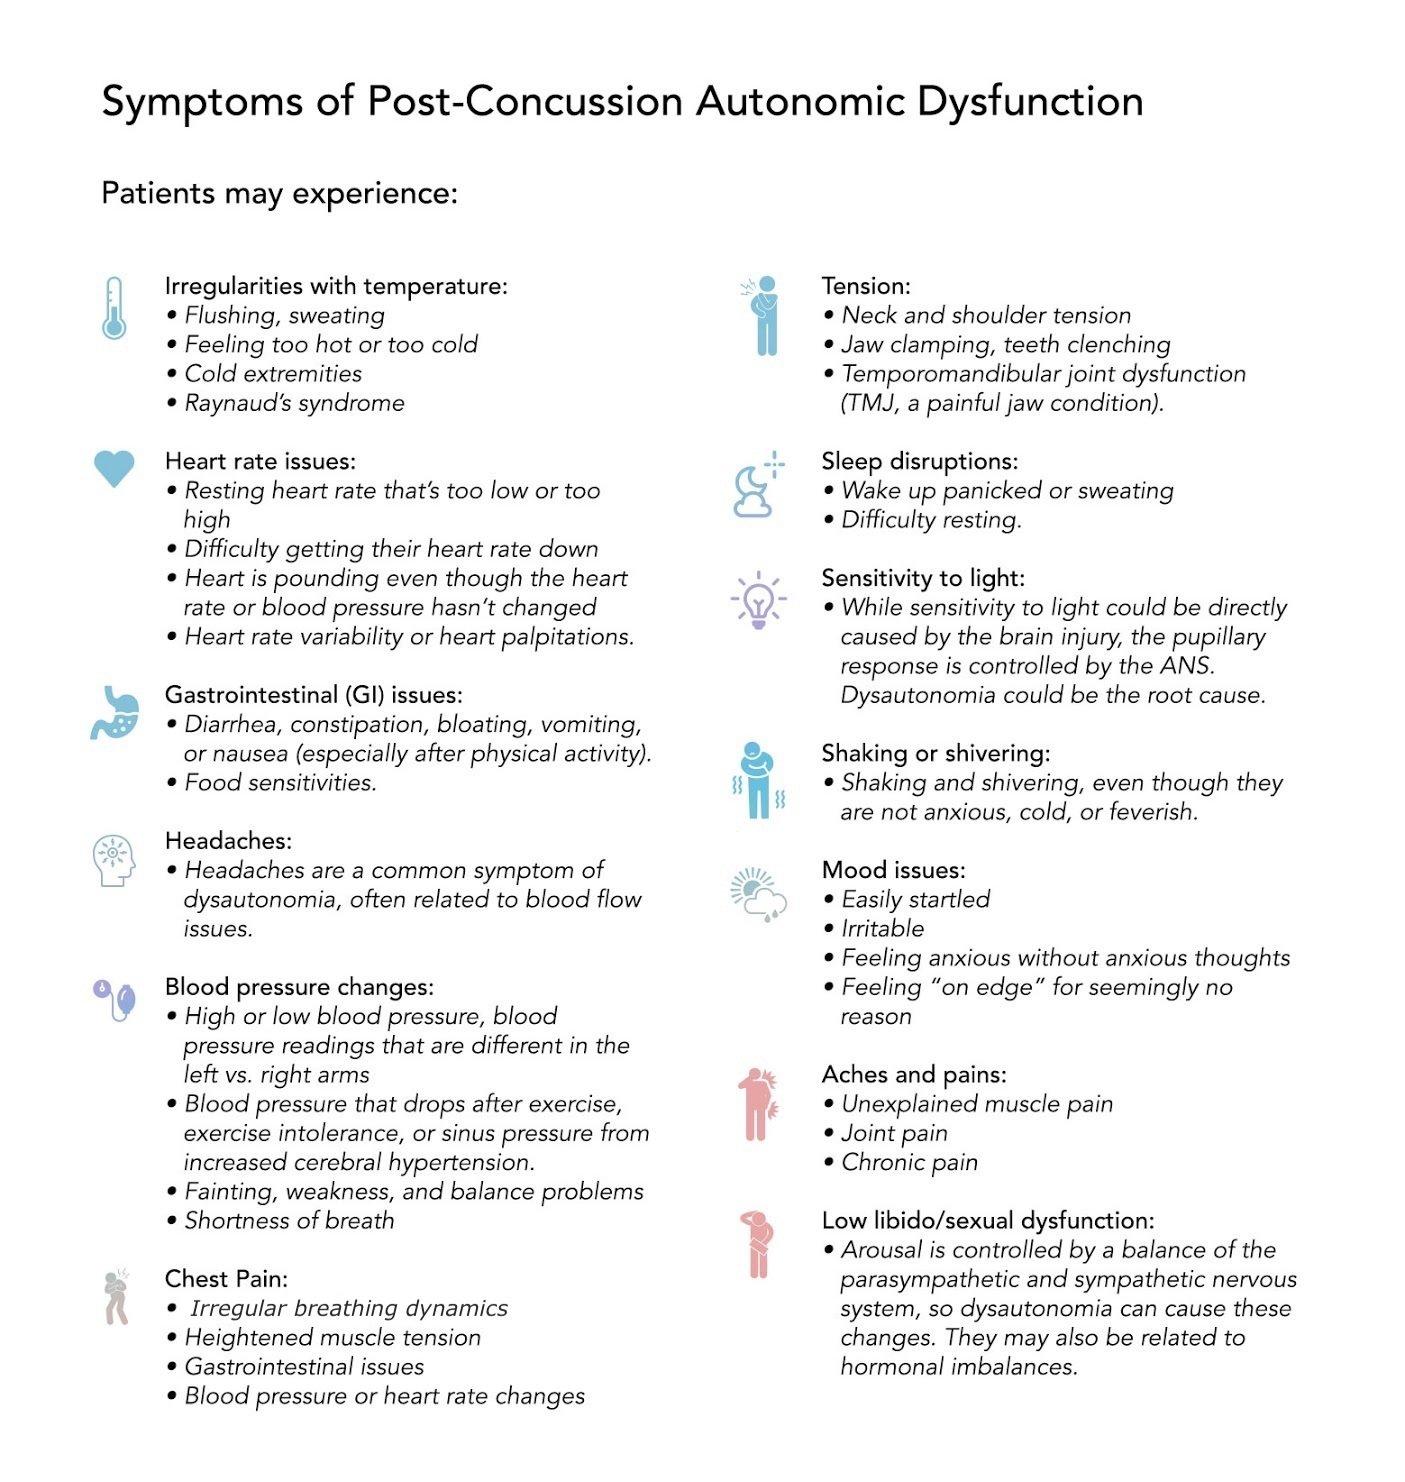 Symptoms of Post-Concussion Autonomic Dysfunction